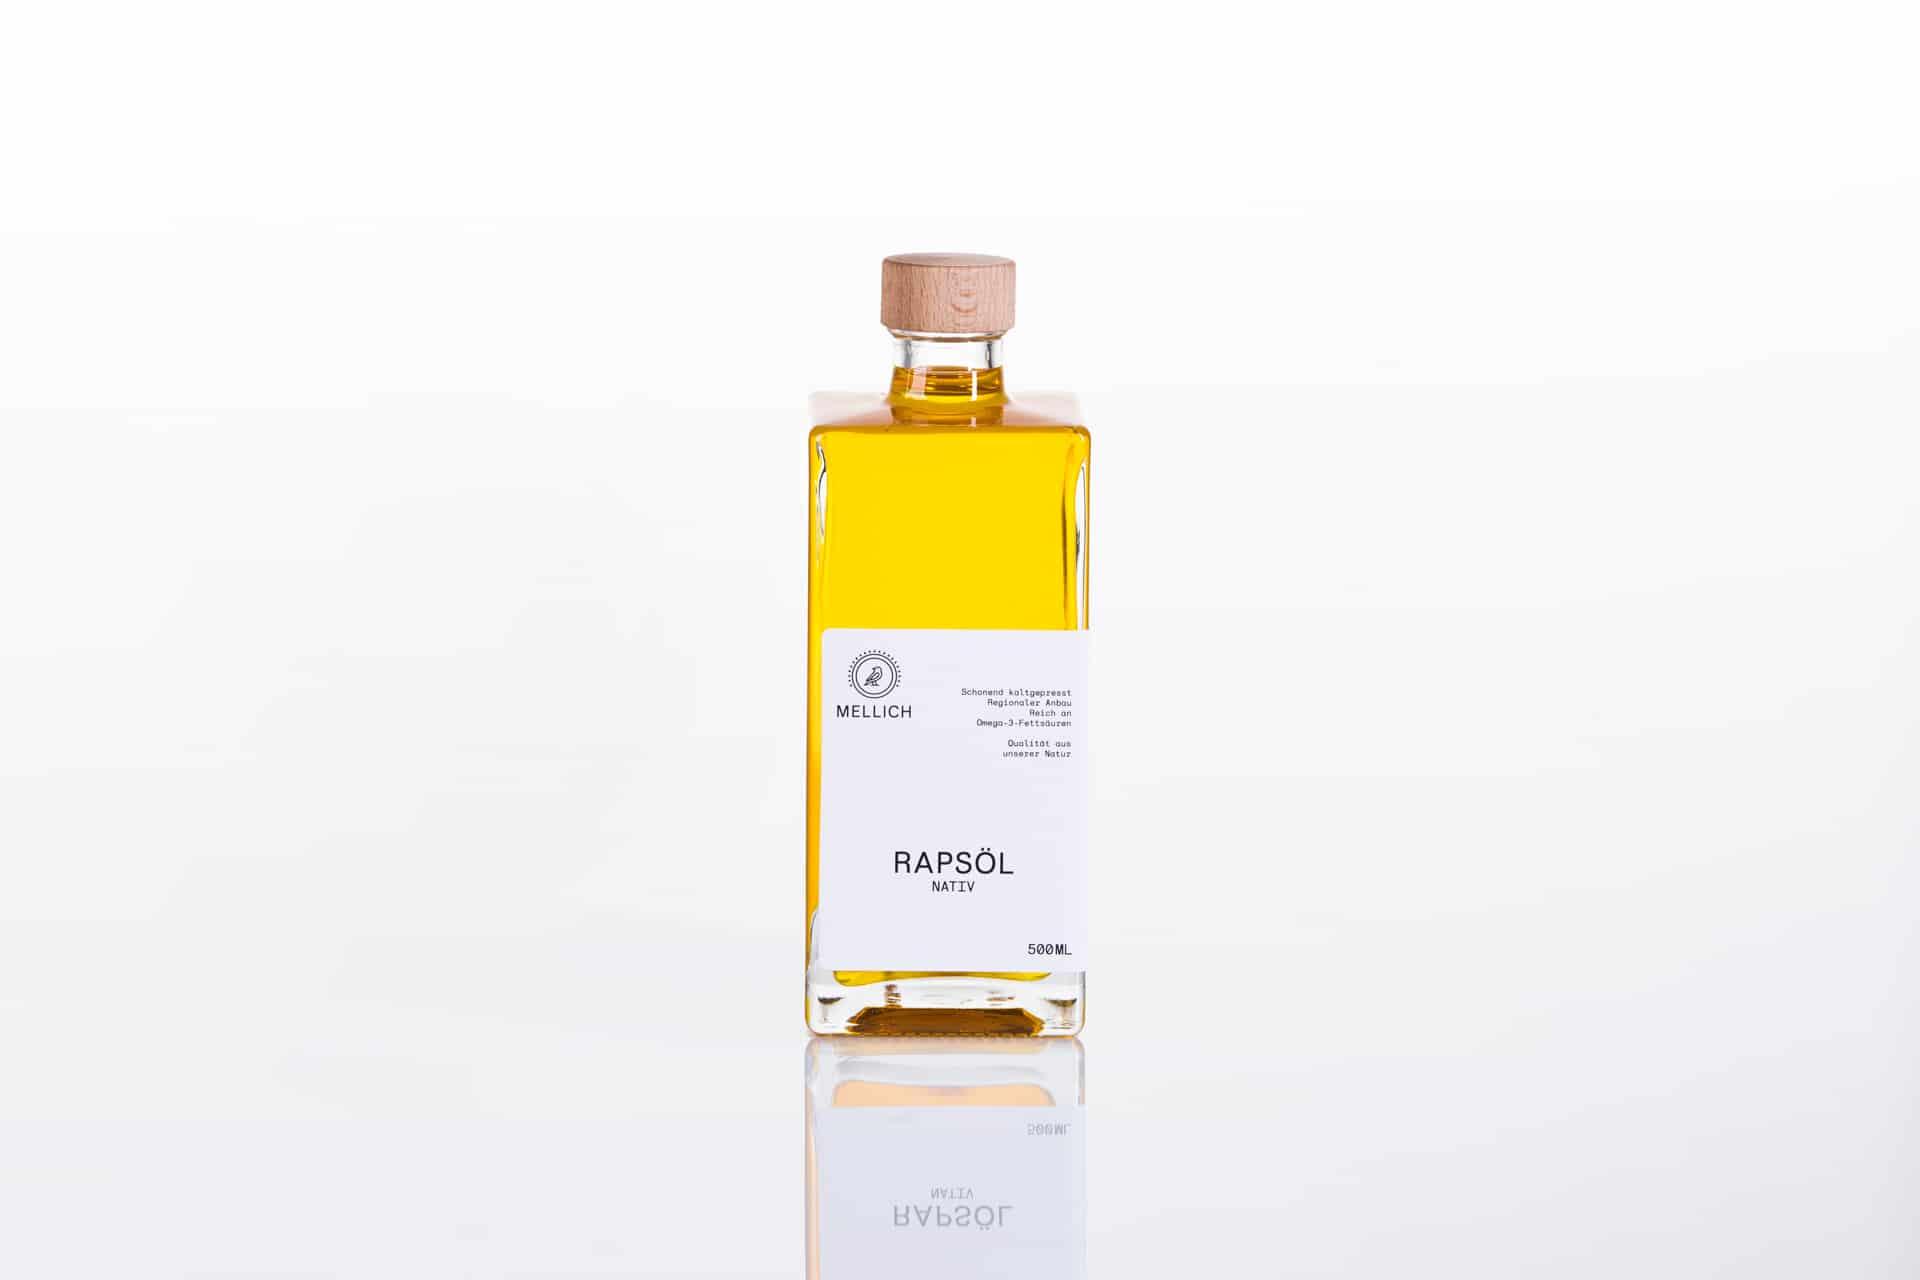 Mellich Ölflasche Etikett Design